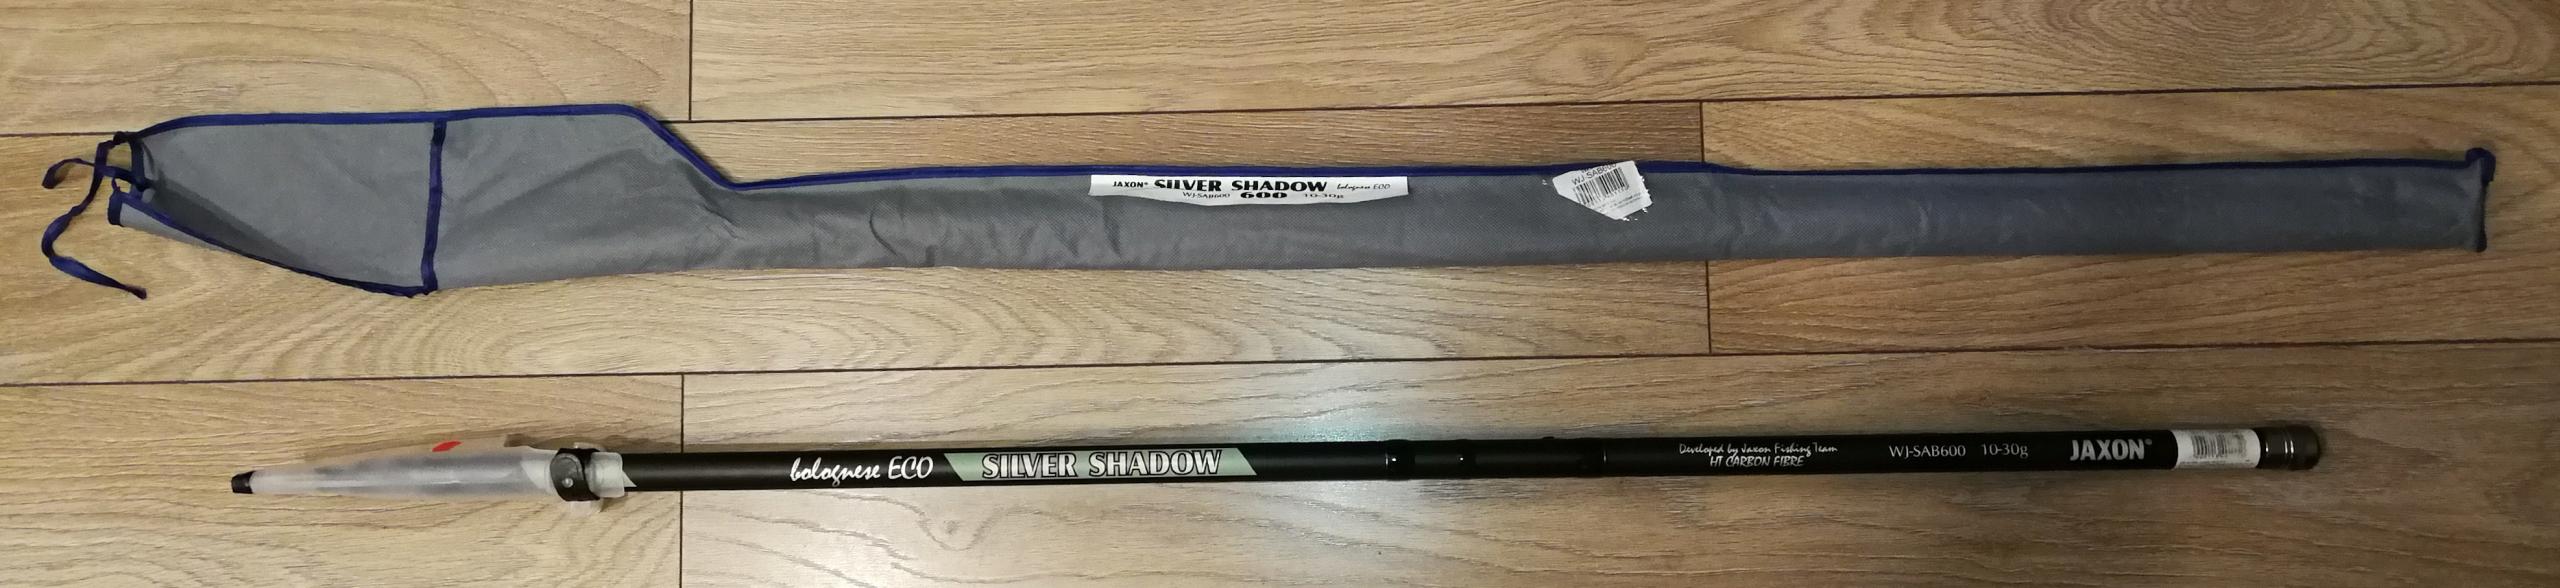 Silver Shadow Bolognese Eco 6m 10-30g WJ-SAB600